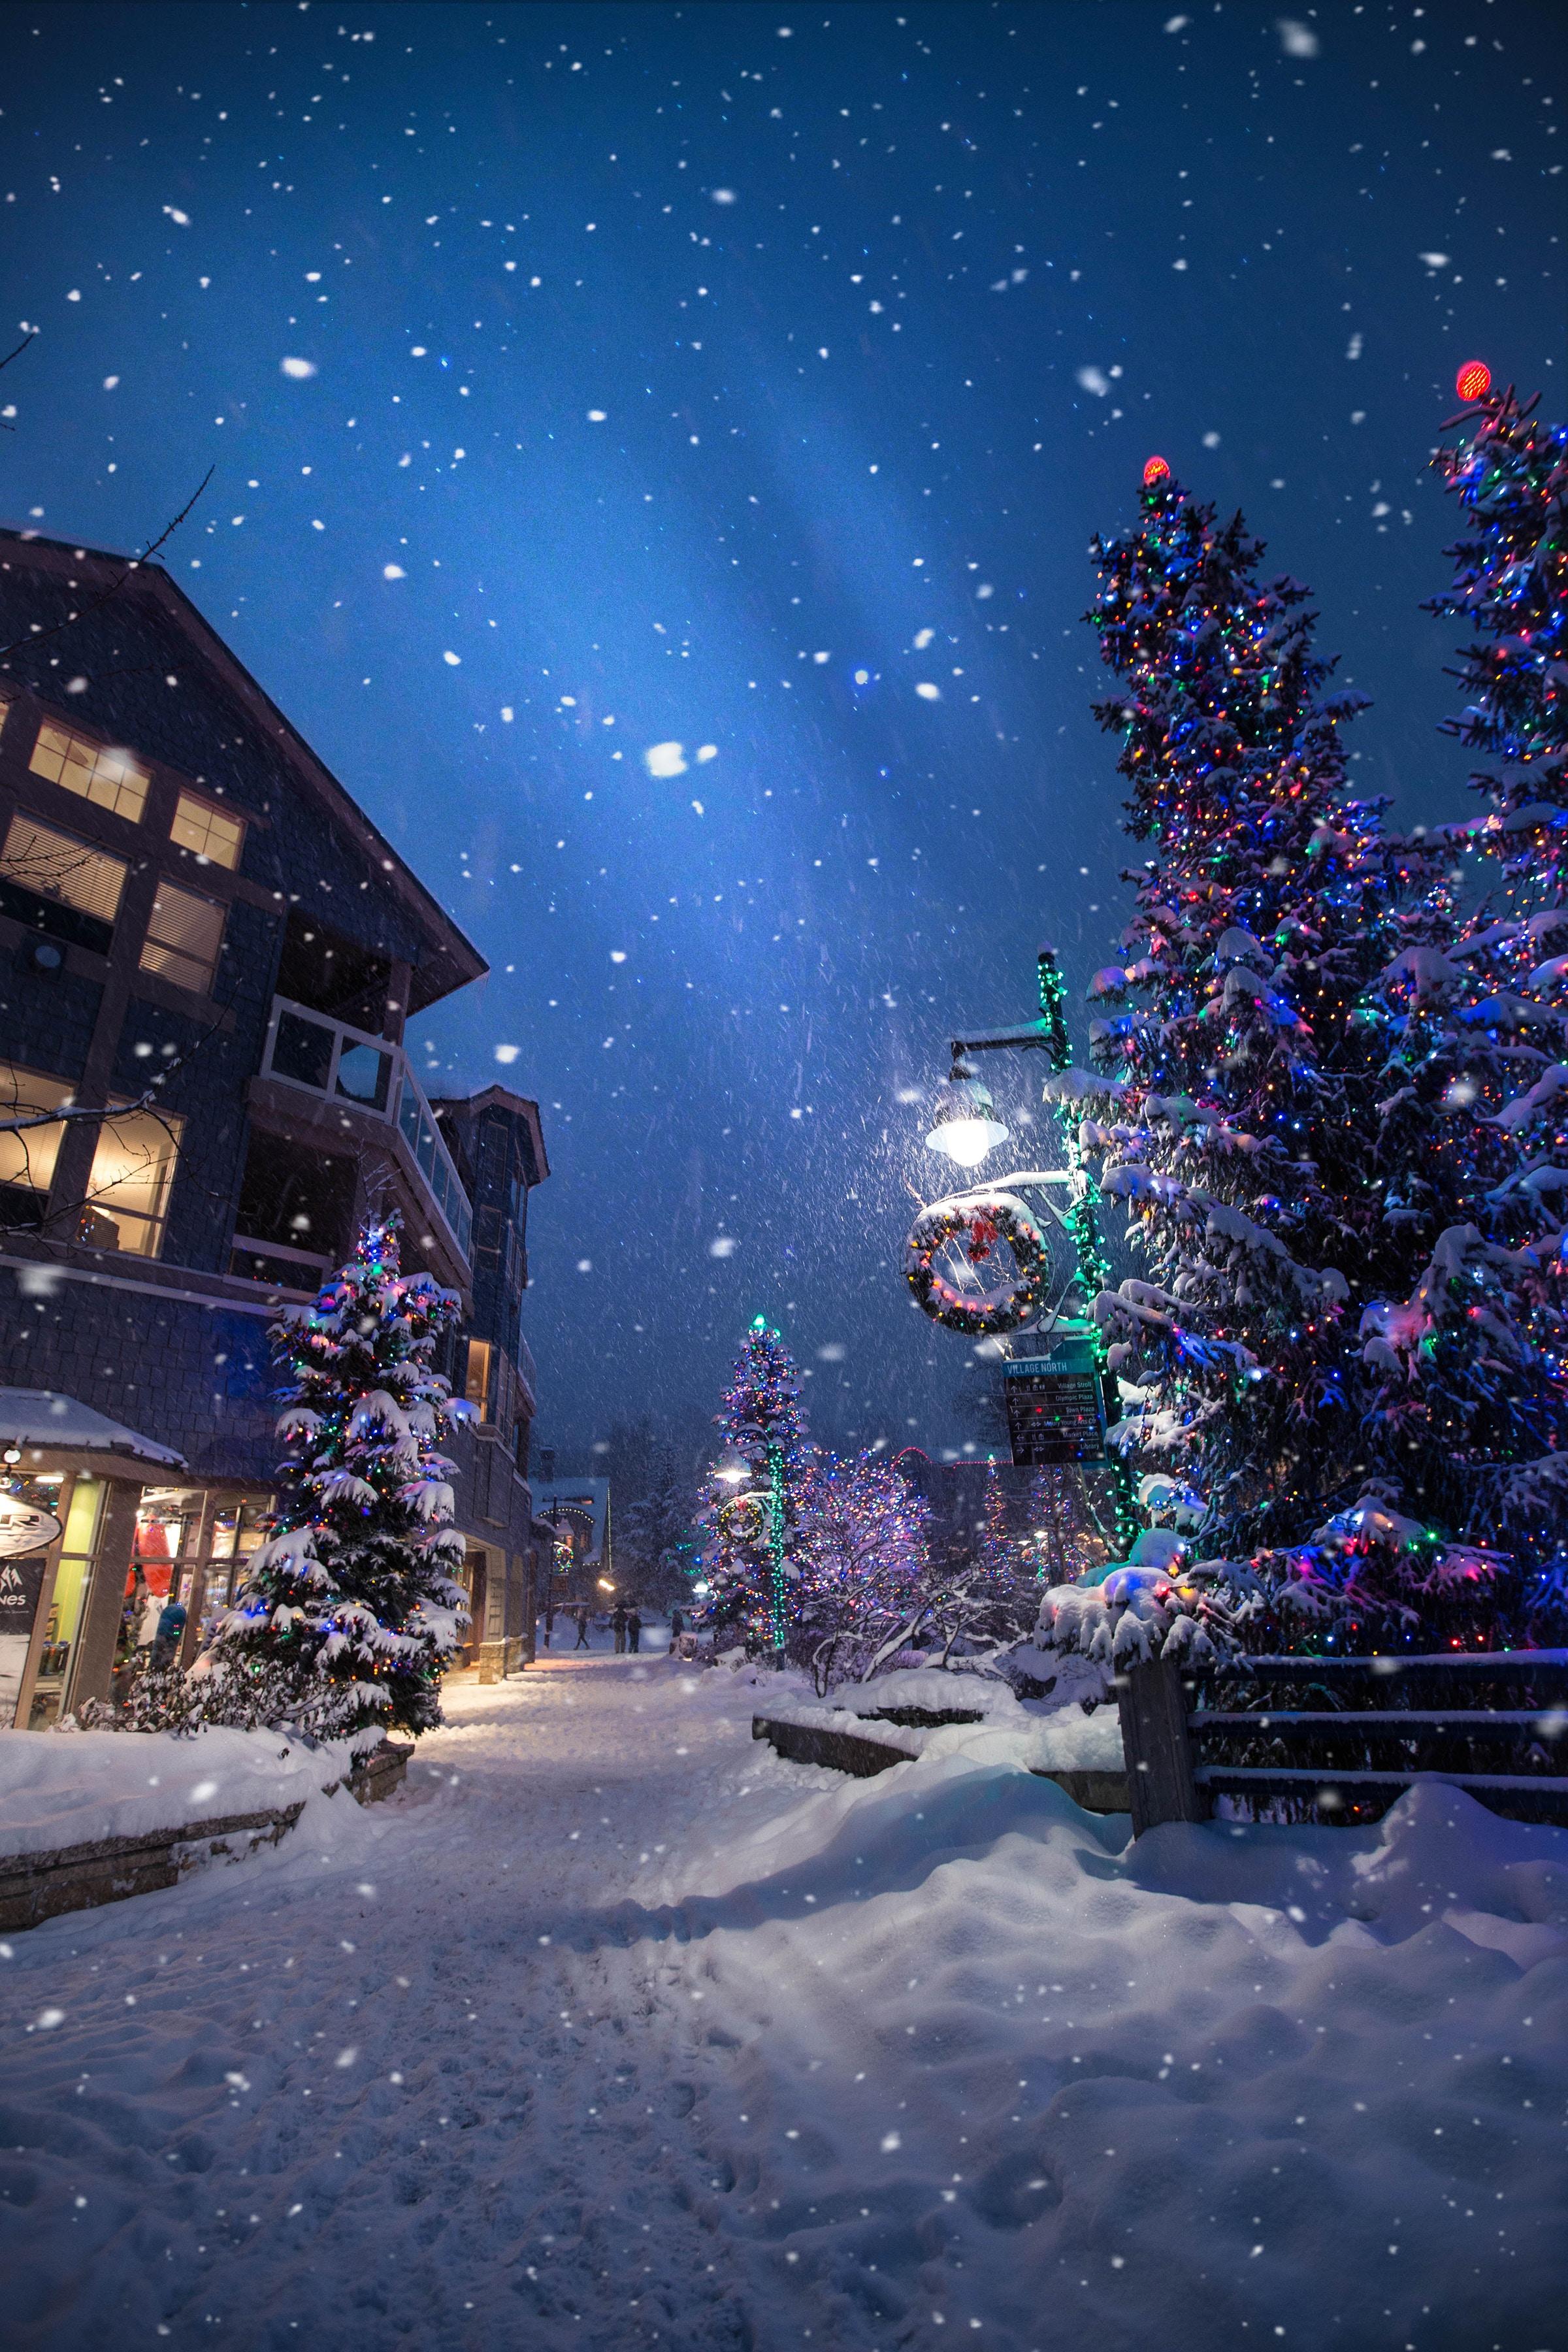 87795 скачать обои Зима, Праздники, Новый Год, Рождество, Улица, Настроение, Снегопад - заставки и картинки бесплатно